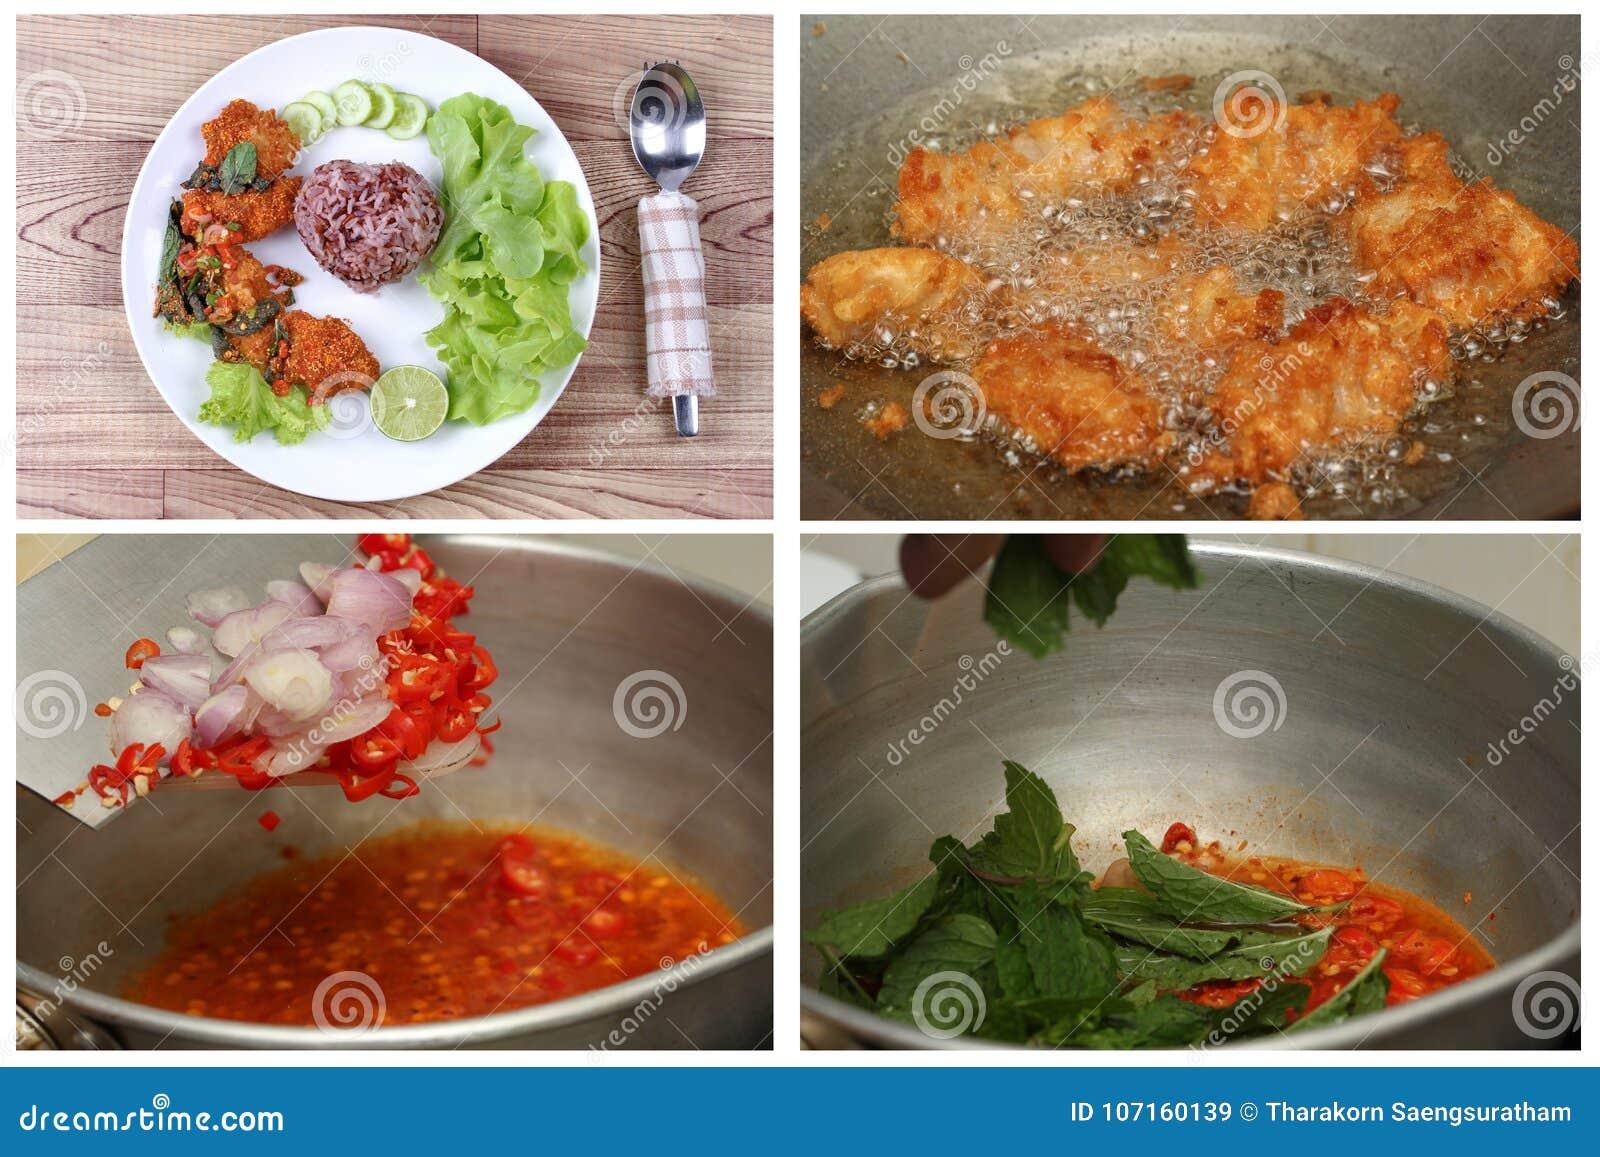 Cocinar Arroz Rojo   El Arroz Rojo Organico Del Jazmin Con Picante Agria La Ensalada De